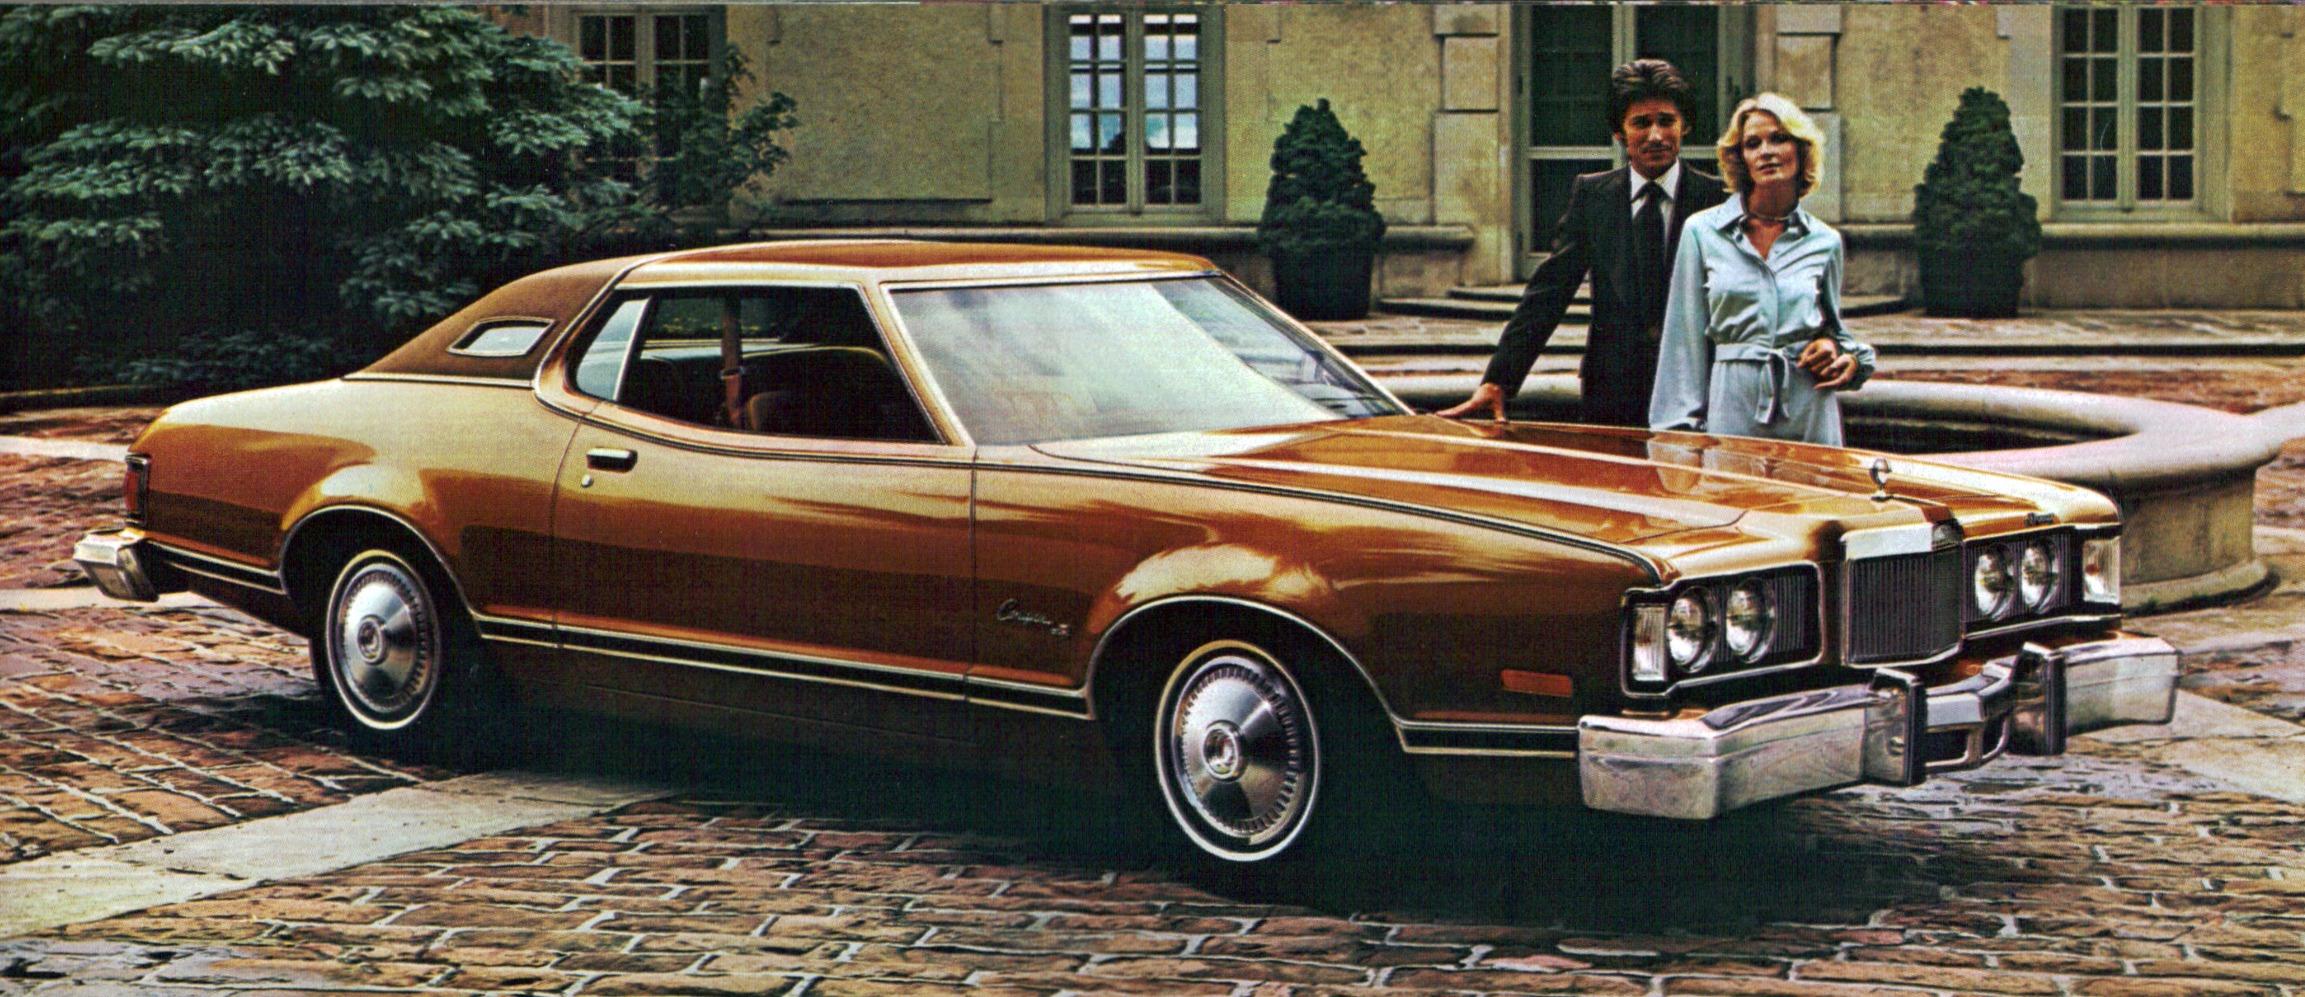 Topworldauto Photos Of Mercury Cougar Photo Galleries 1960s 1976 Xr 7 2 Door Hardtop Flickr Sharing